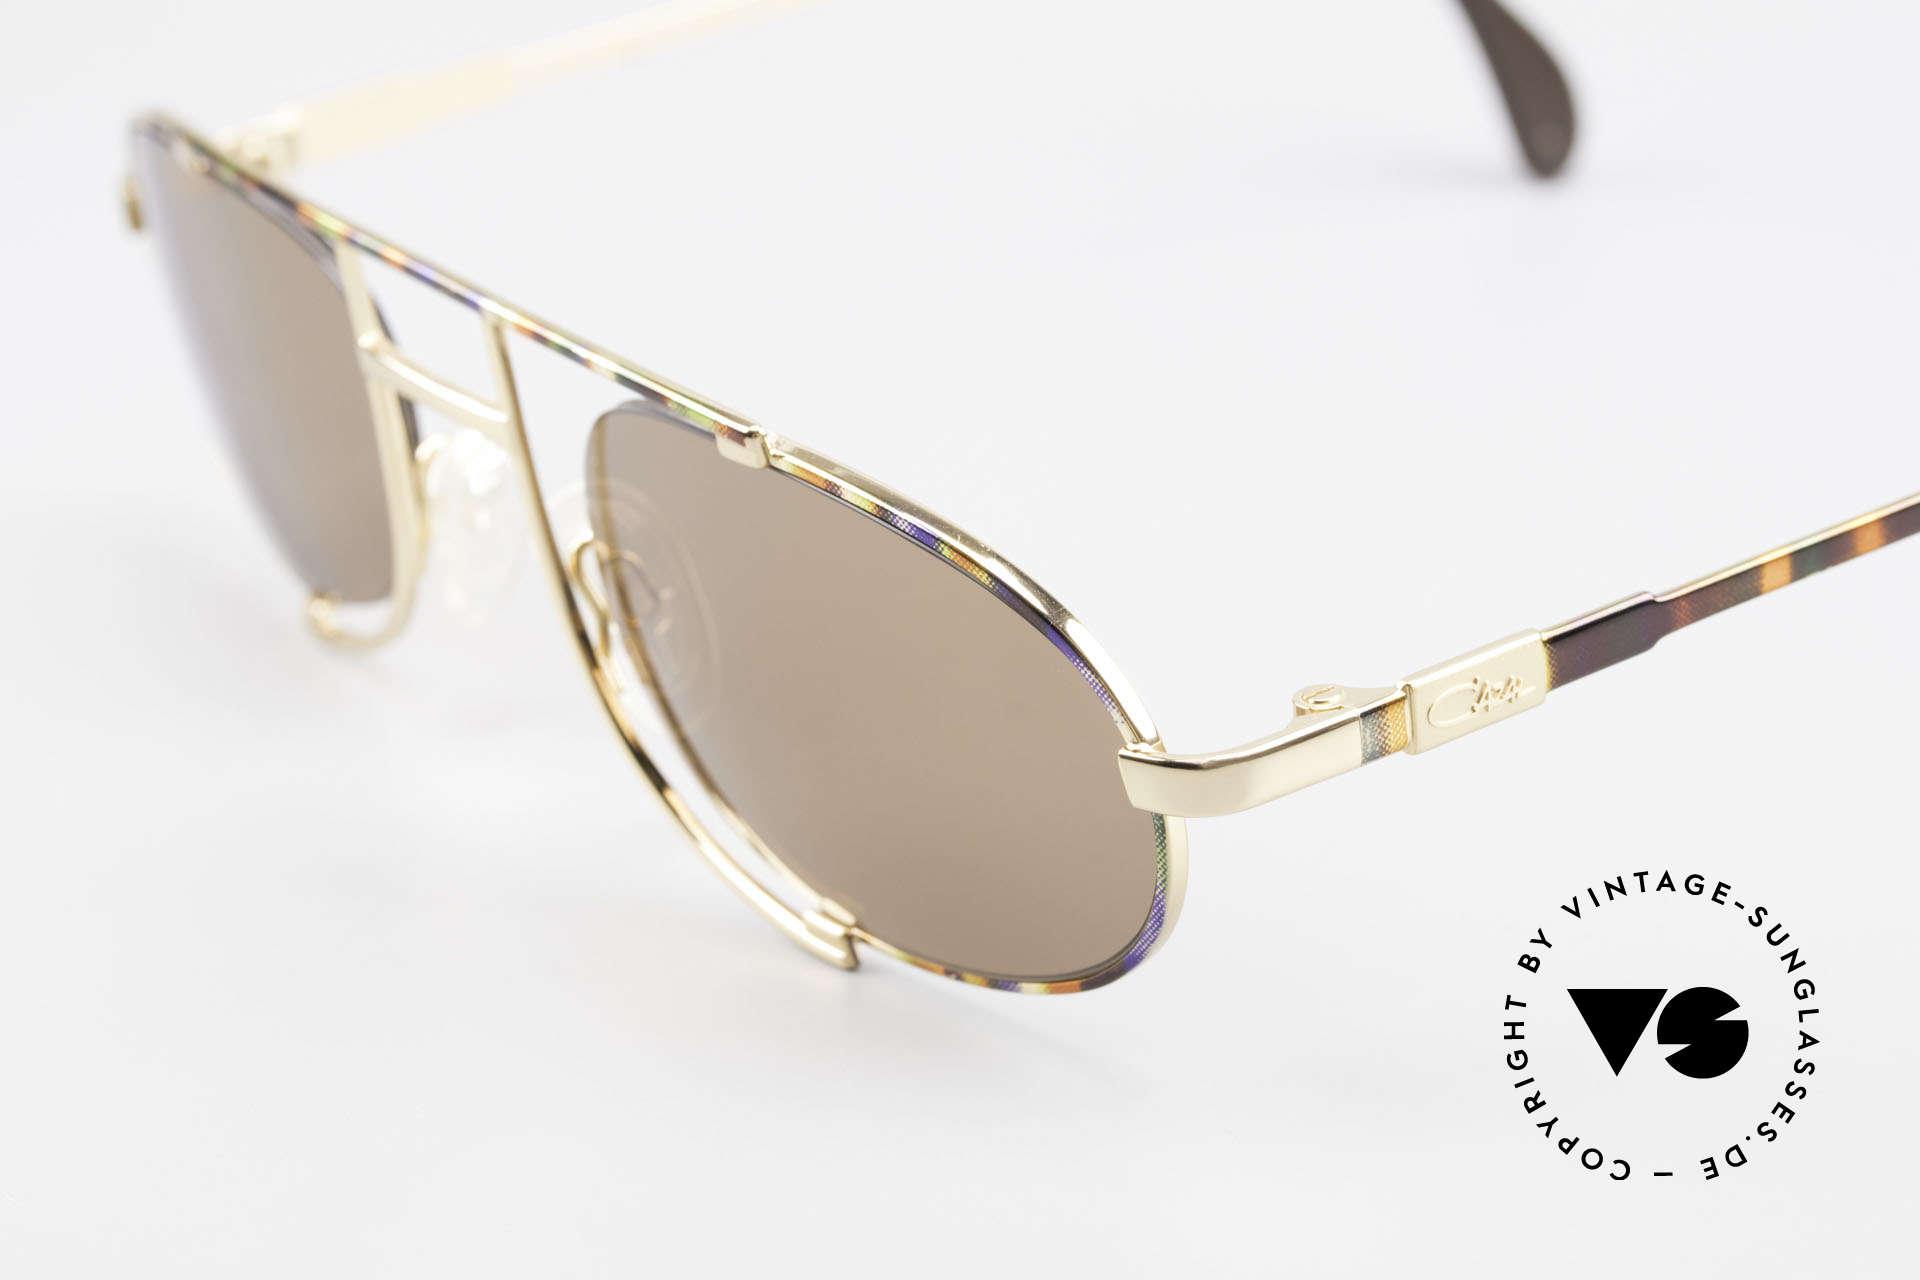 Cazal 753 Ovale Designer Sonnenbrille, herausragende Fertigungsqualität (Frame Germany), Passend für Herren